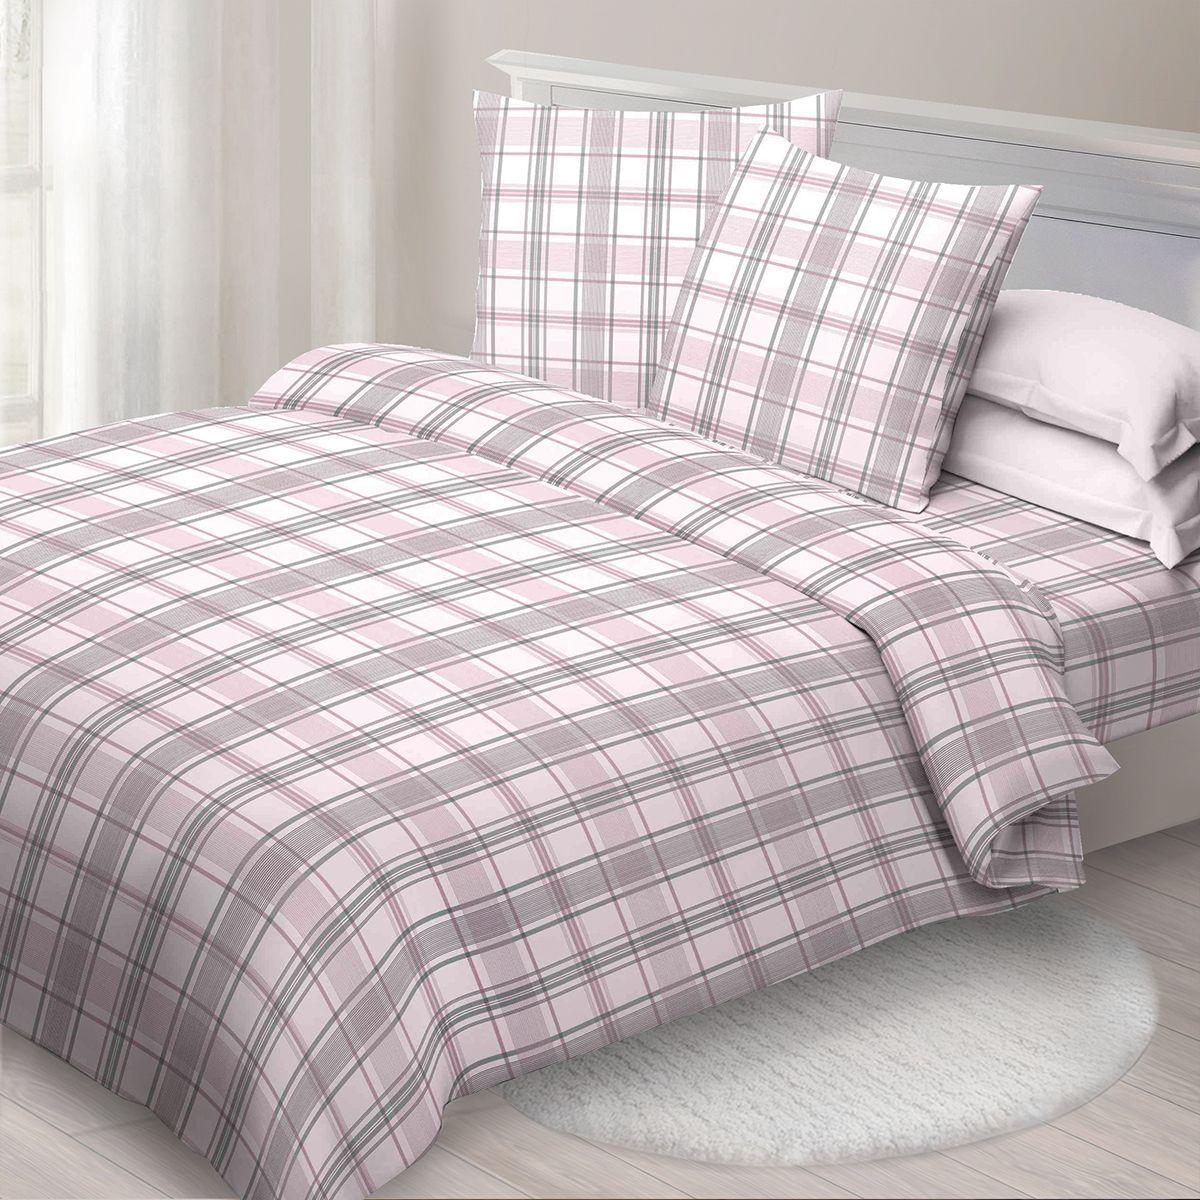 Комплект белья Спал Спалыч Ричард, 2-спальное, наволочки 70x70, цвет: розовый91324Спал Спалыч - недорогое, но качественное постельное белье из белорусской бязи. Актуальные дизайны, авторская упаковка в сочетании с качественными материалами и приемлемой ценой - залог успеха Спал Спалыча! В ассортименте широкая линейка домашнего текстиля для всей семьи - современные дизайны современному покупателю! Ткань обработана по технологии PERFECT WAY - благодаря чему, она становится более гладкой и шелковистой. • Бязь Барановичи 100% хлопок • Плотность ткани - 125 гр/кв.м.